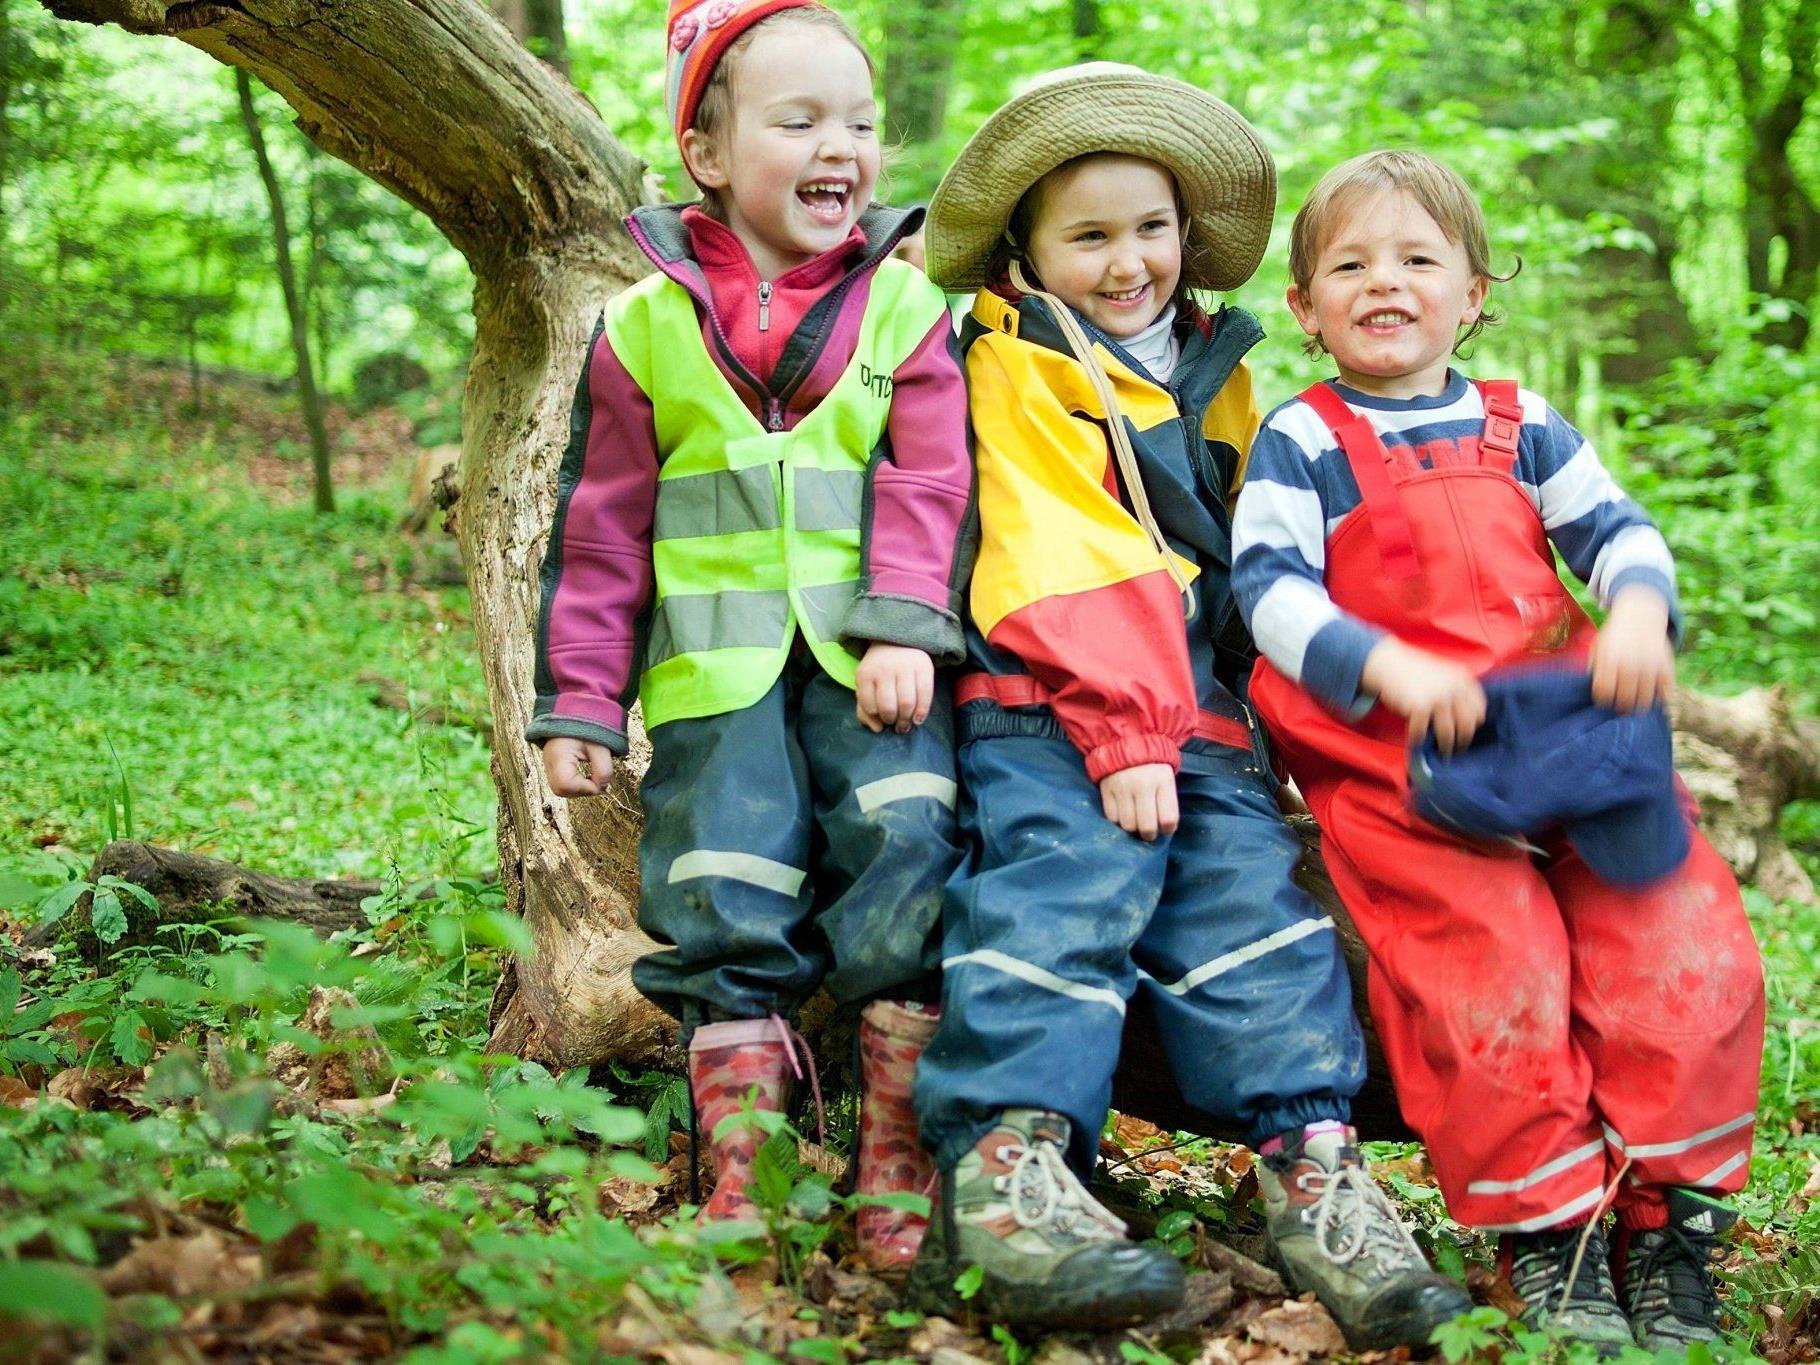 Beim Info-Tag der Waldspielgruppe Bregenz am 12. Mai sind interessierte Eltern mit ihren Kindern willkommen.